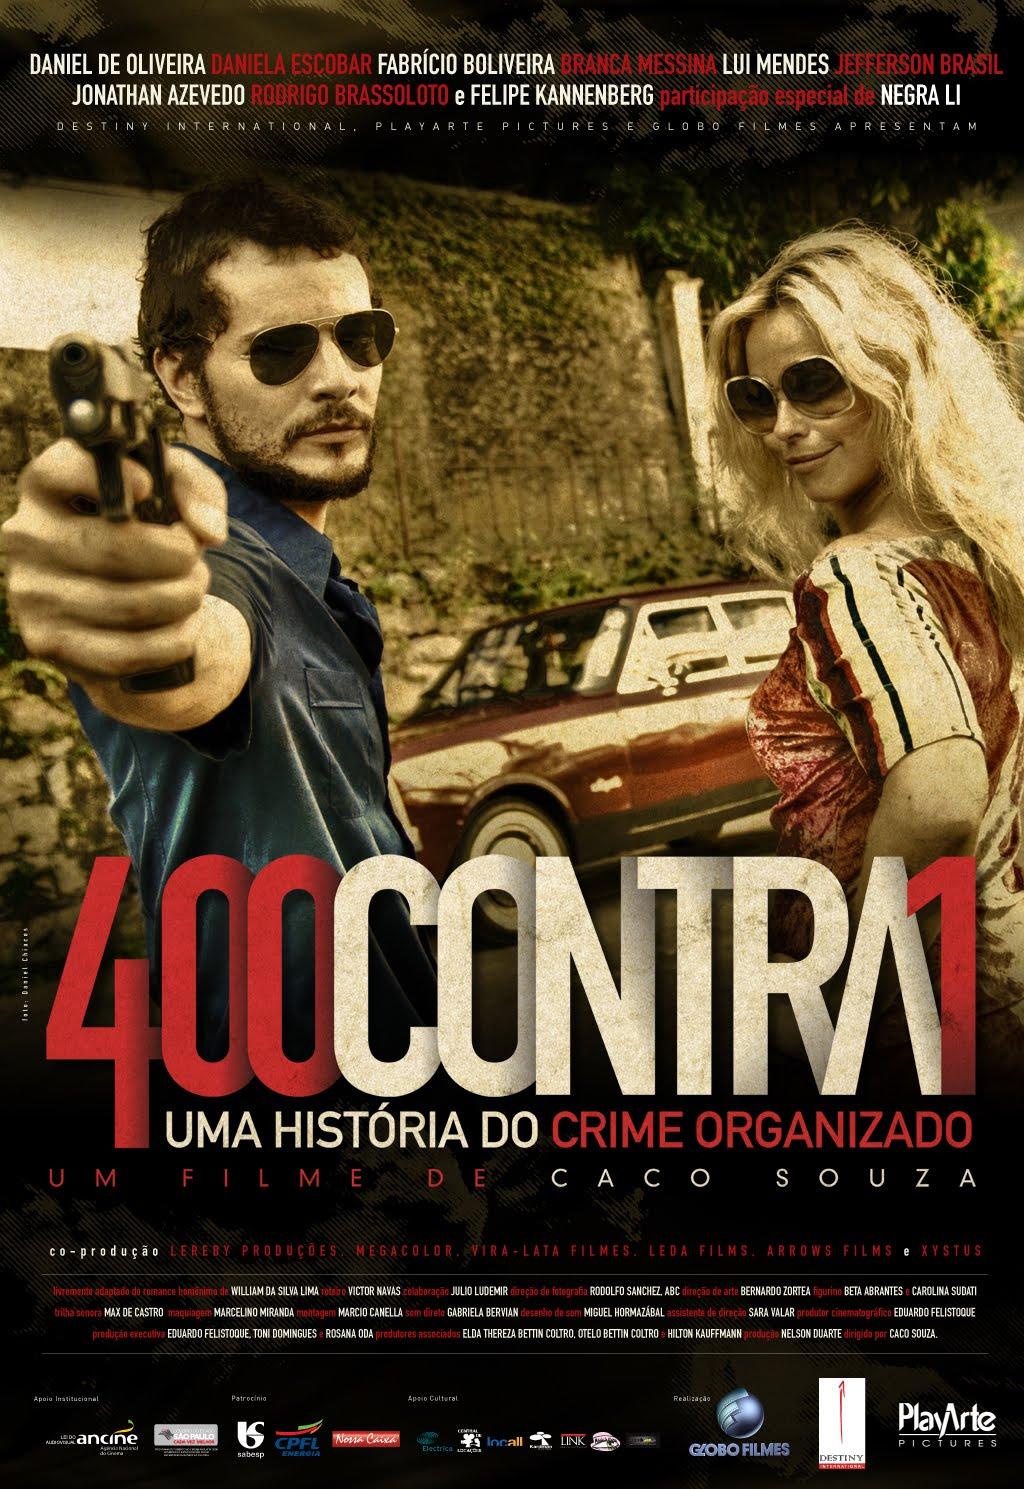 400 CONTRA 1 - UMA HISTORIA DO CRIME ORGANIZADO